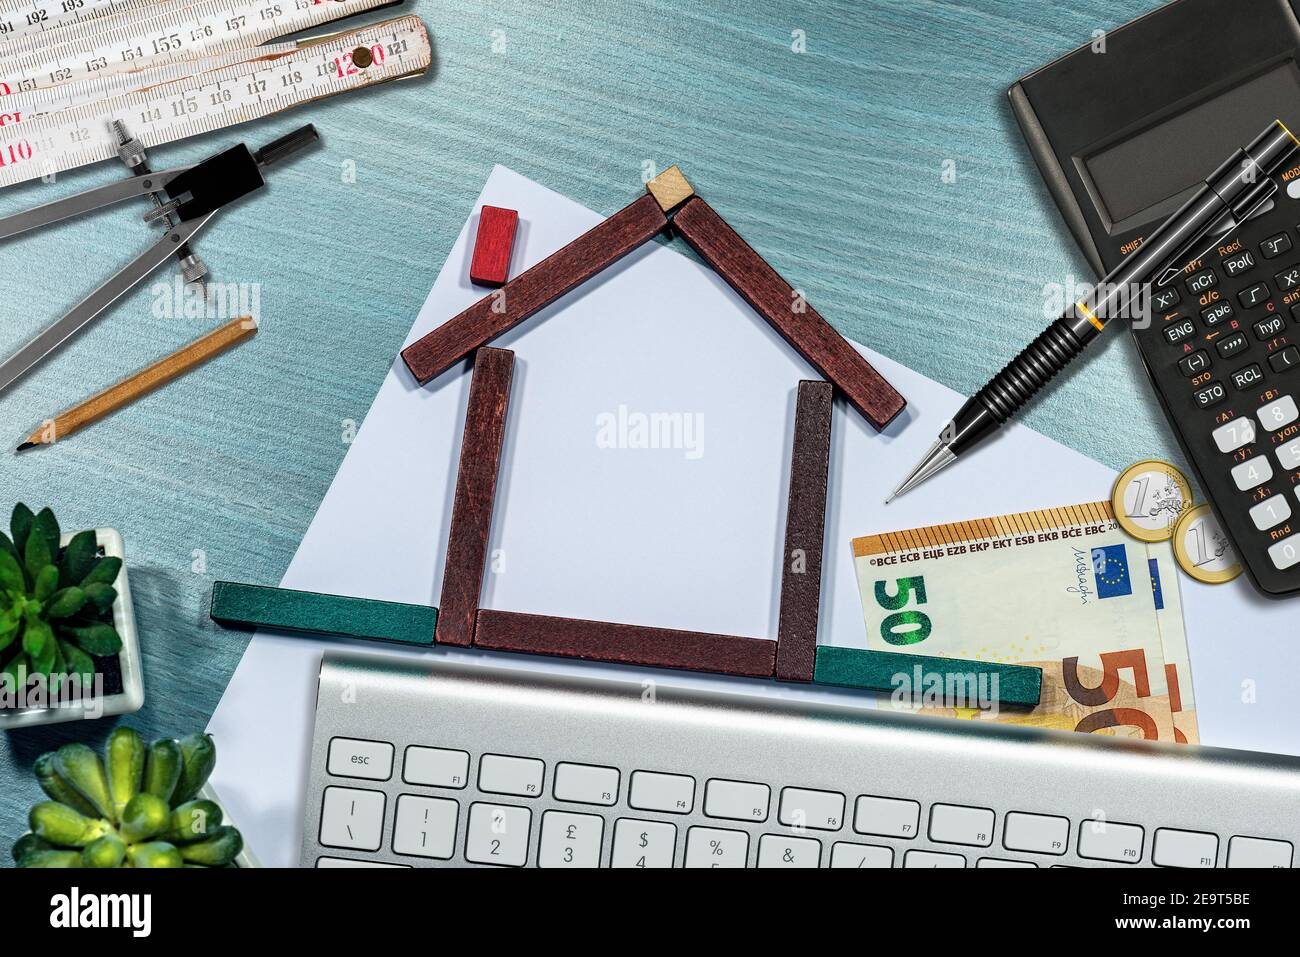 Petite maison en bois faite de blocs de jouets sur le bureau, avec euro monnaie, calculatrice, règle pliante. Concept d'investissements immobiliers. Banque D'Images